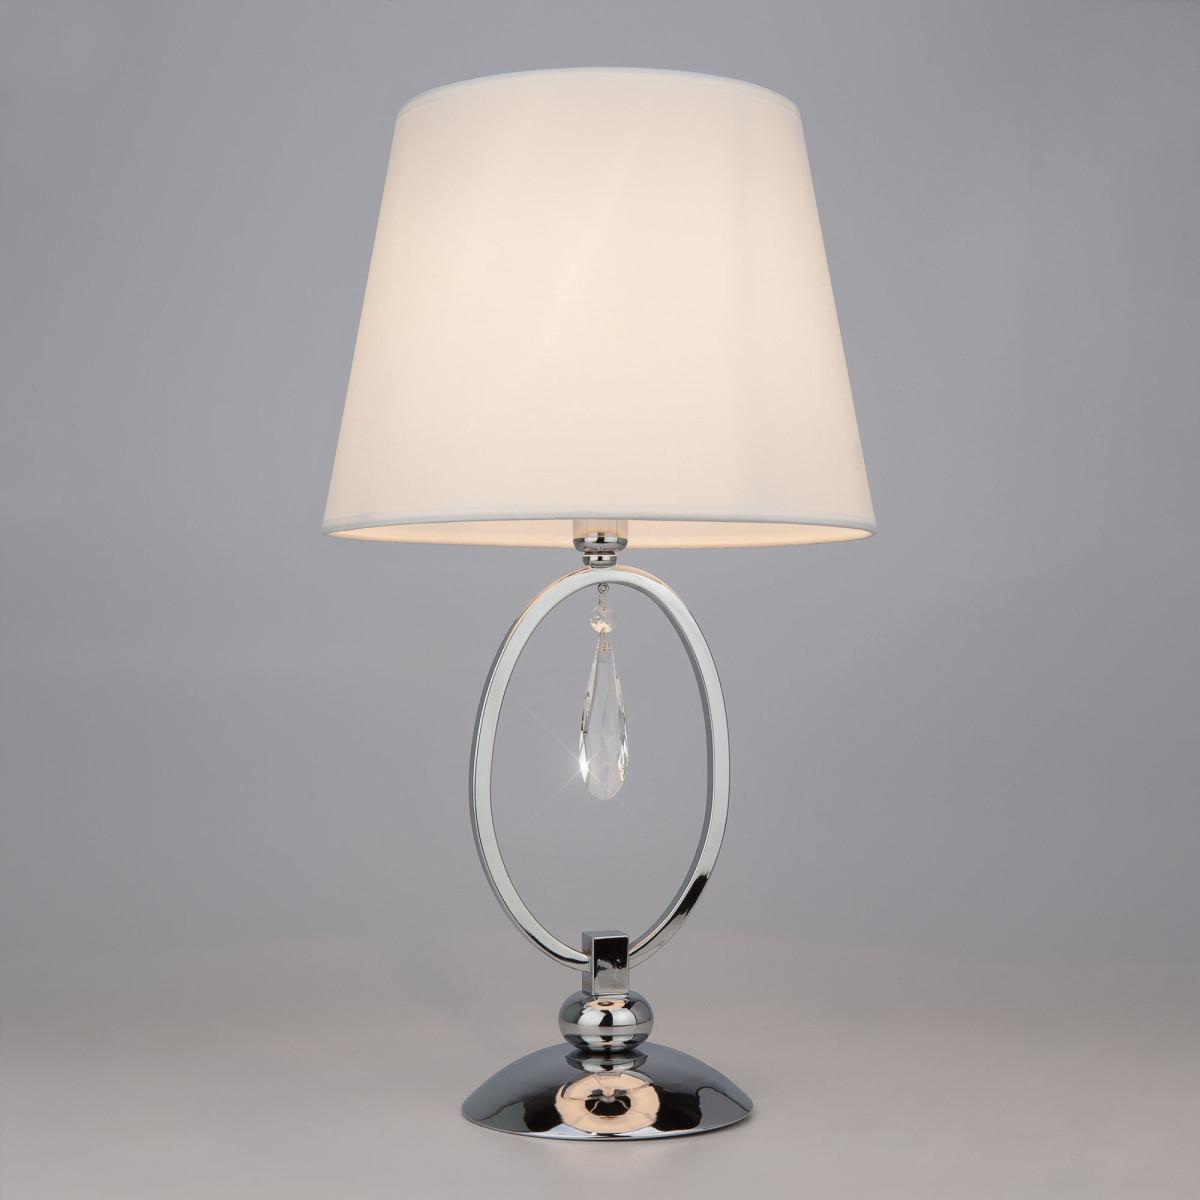 Настольная Лампа Eurosvet Madera 01055/1 Цвет Хром